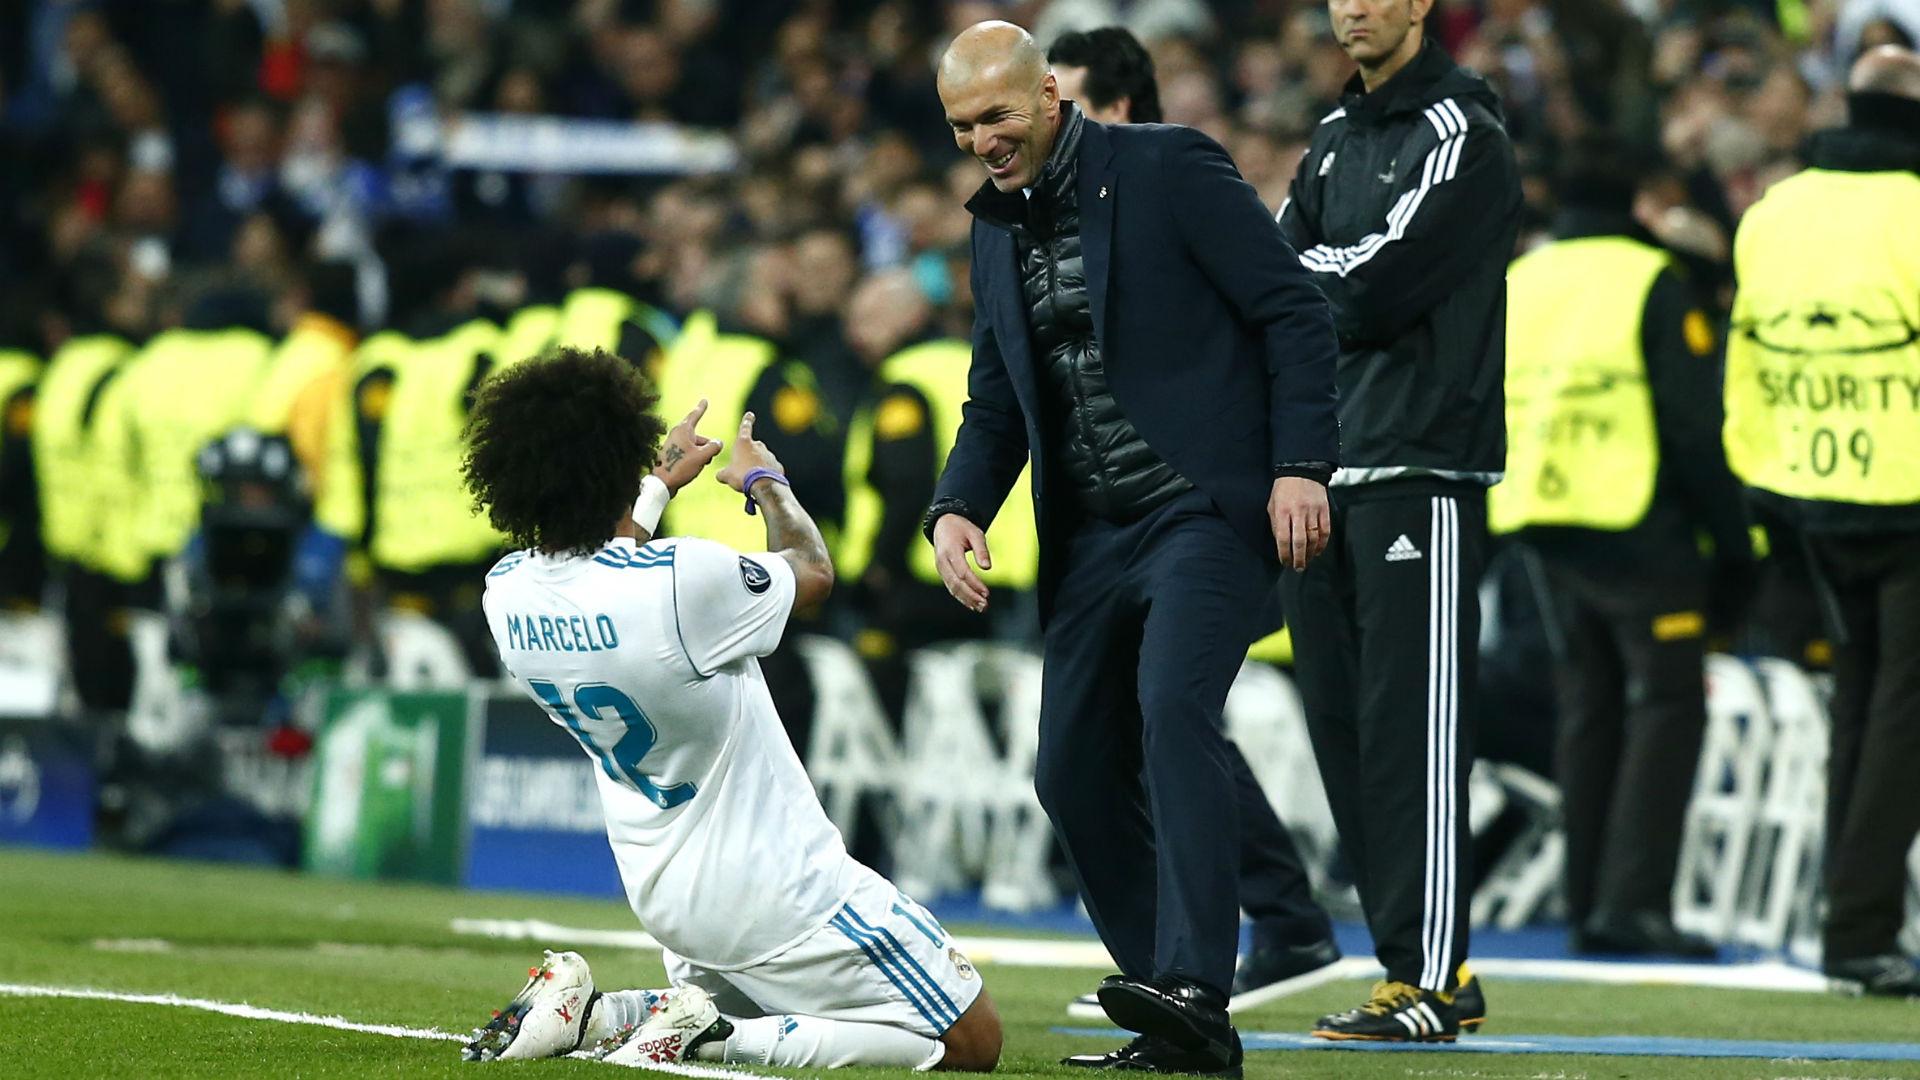 Mo Salah Vs Cristiano Ronaldo: Breaking Down the Champions League Final Showdown